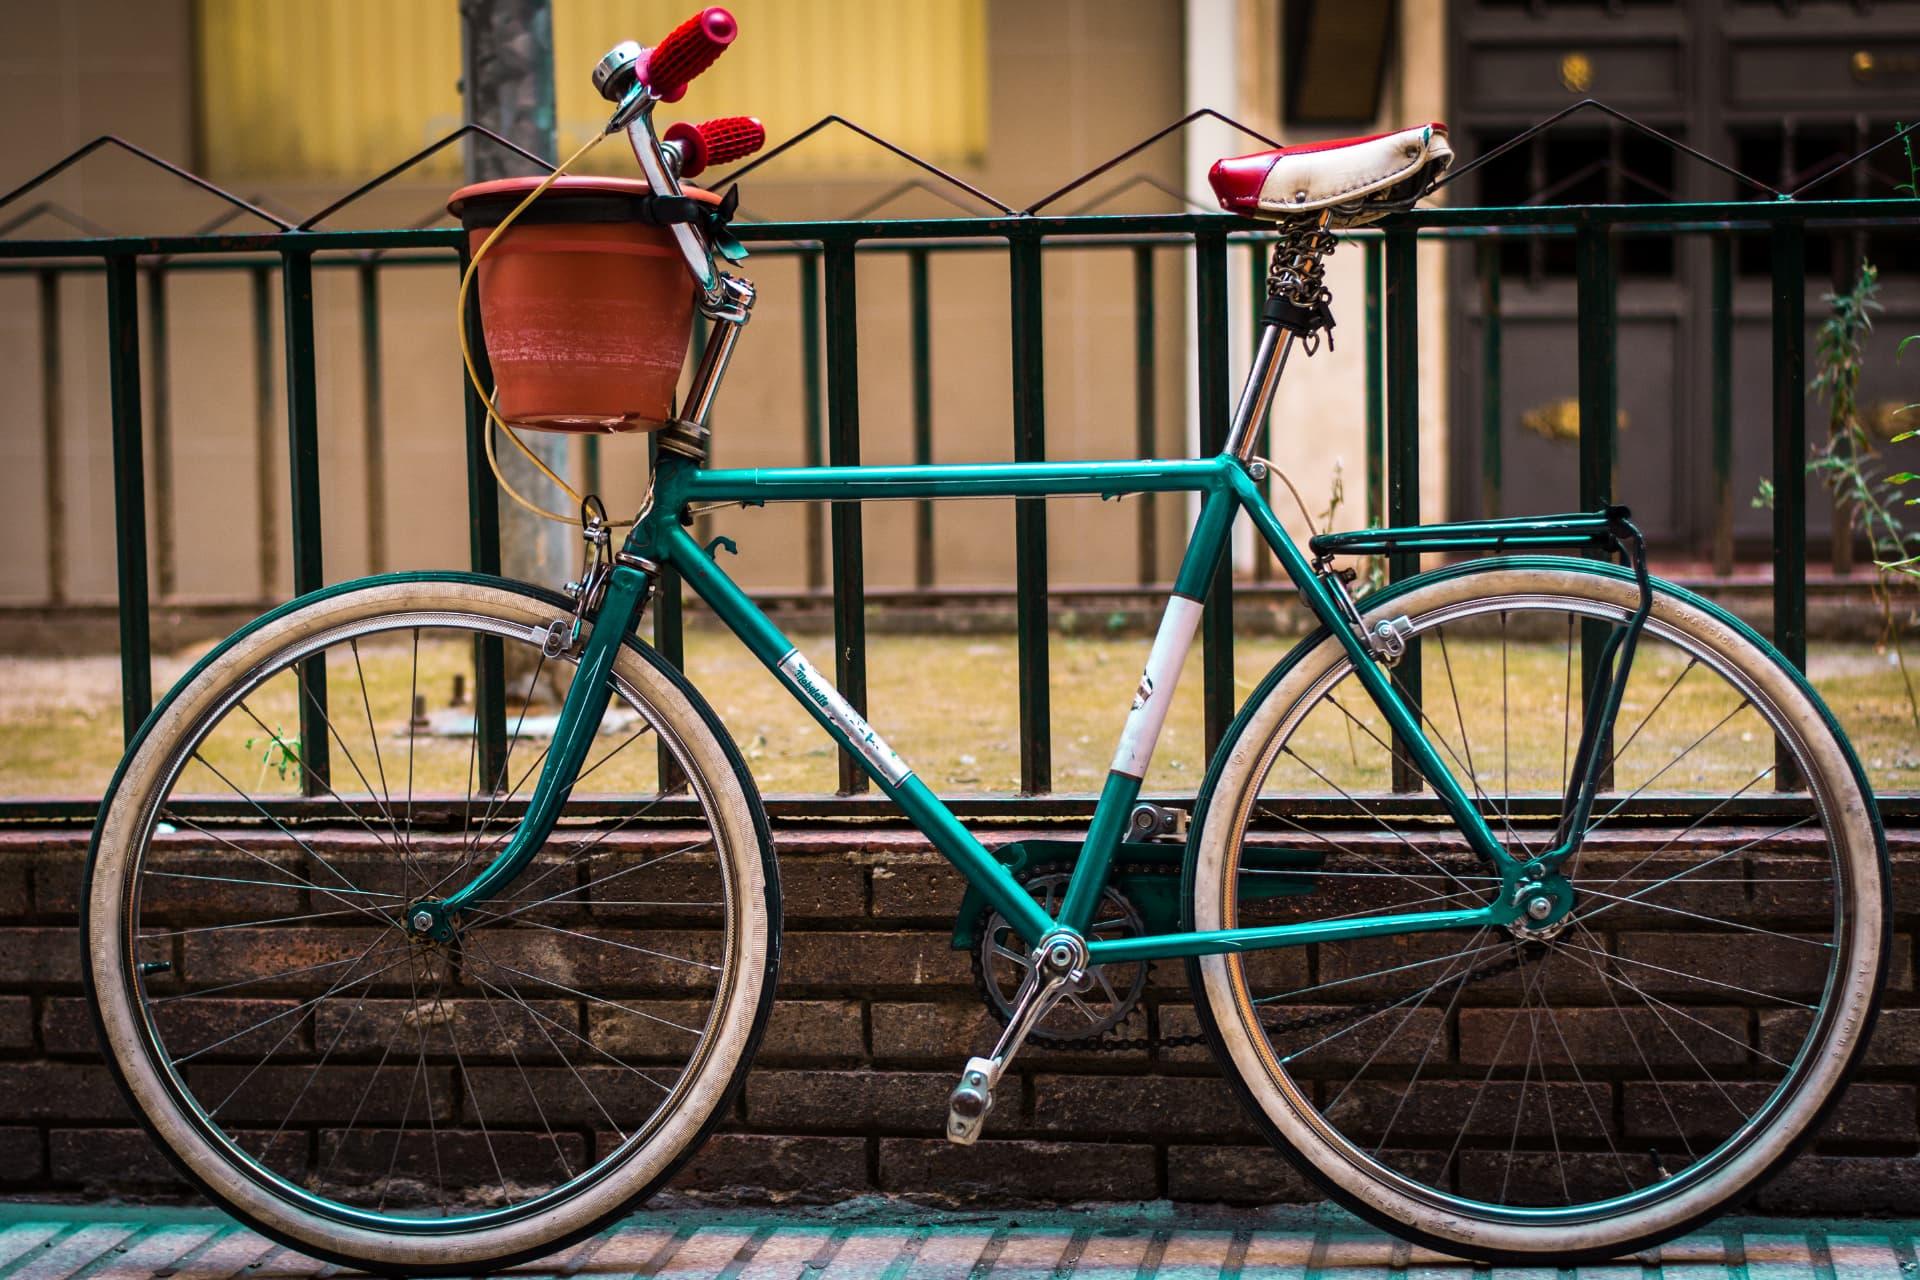 akcesoria do roweru miejskiego z oryginalnymi dodatkami